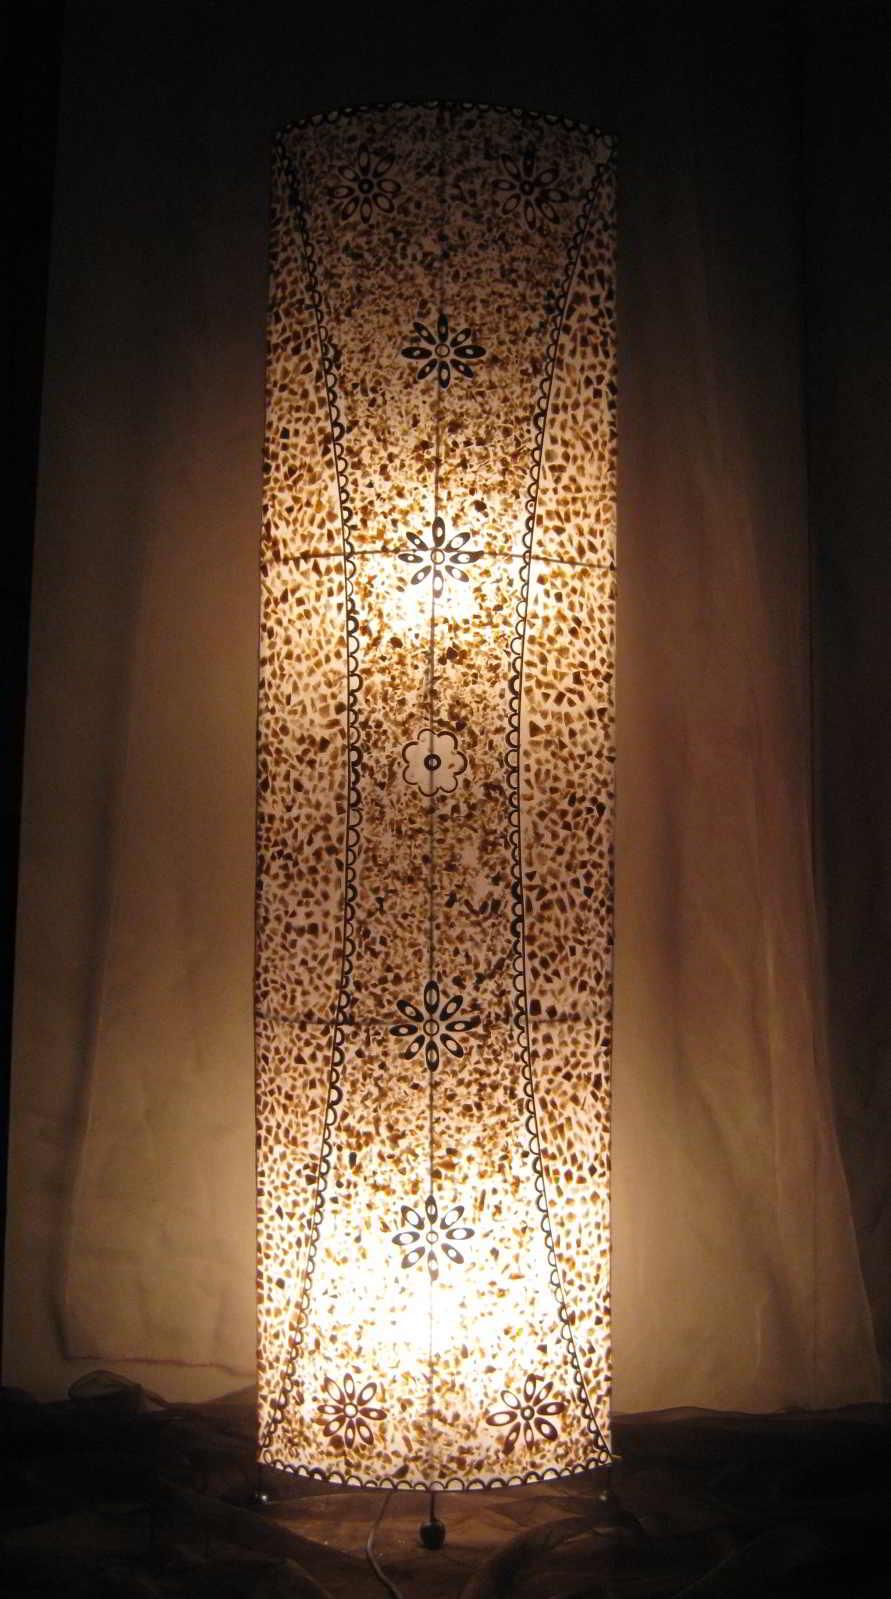 ... lampade etniche,lampade da parete e da muro,piantane moderne,appliques